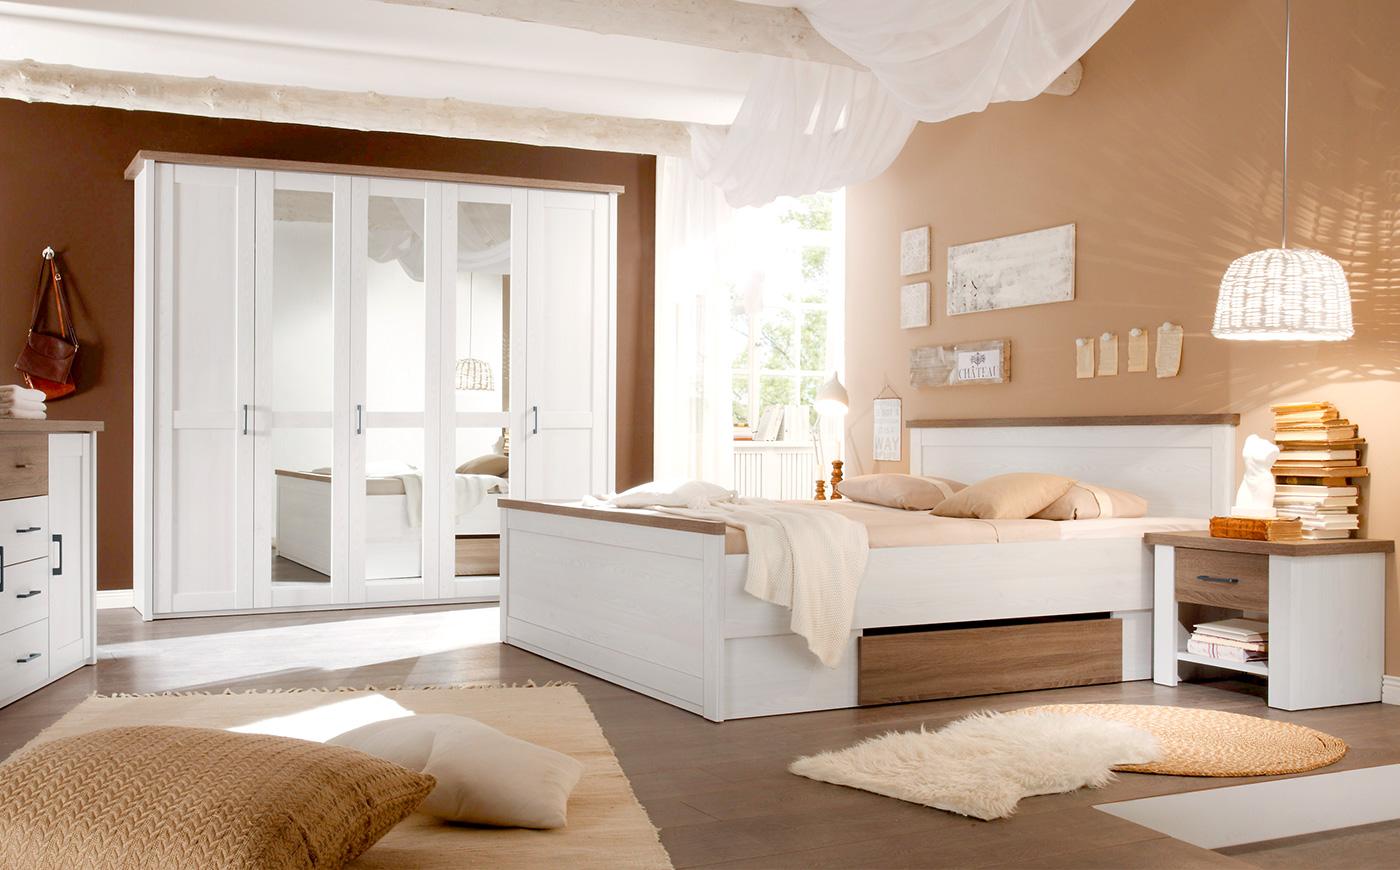 Schlafzimmer Möbelpiraten - Schlafzimmer komplett angebot